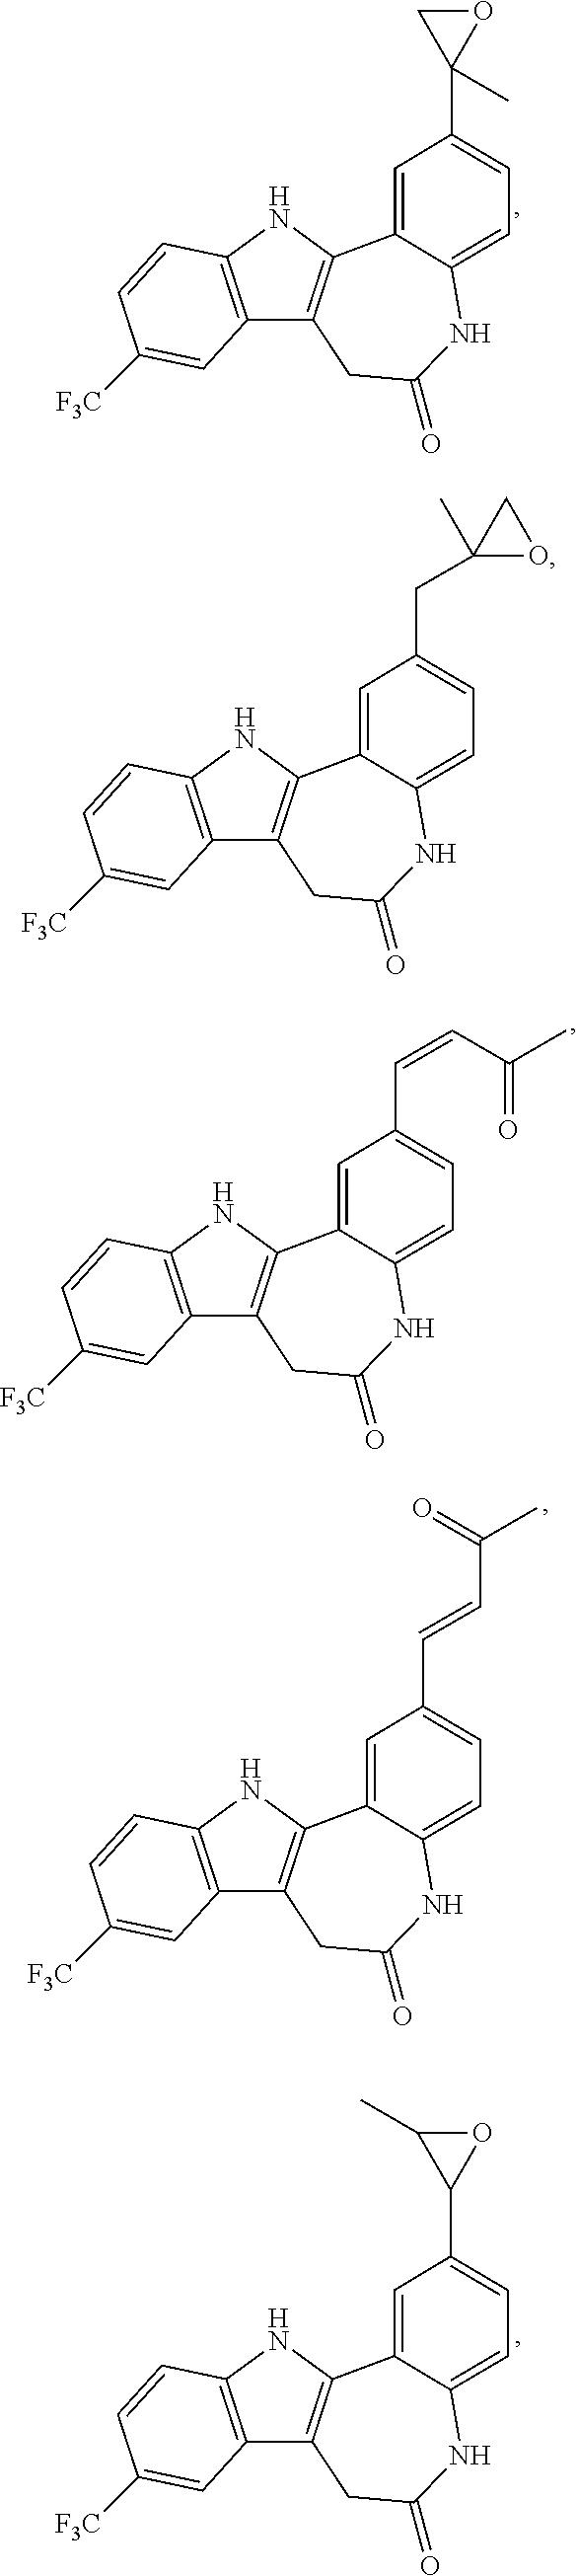 Figure US09572815-20170221-C00016